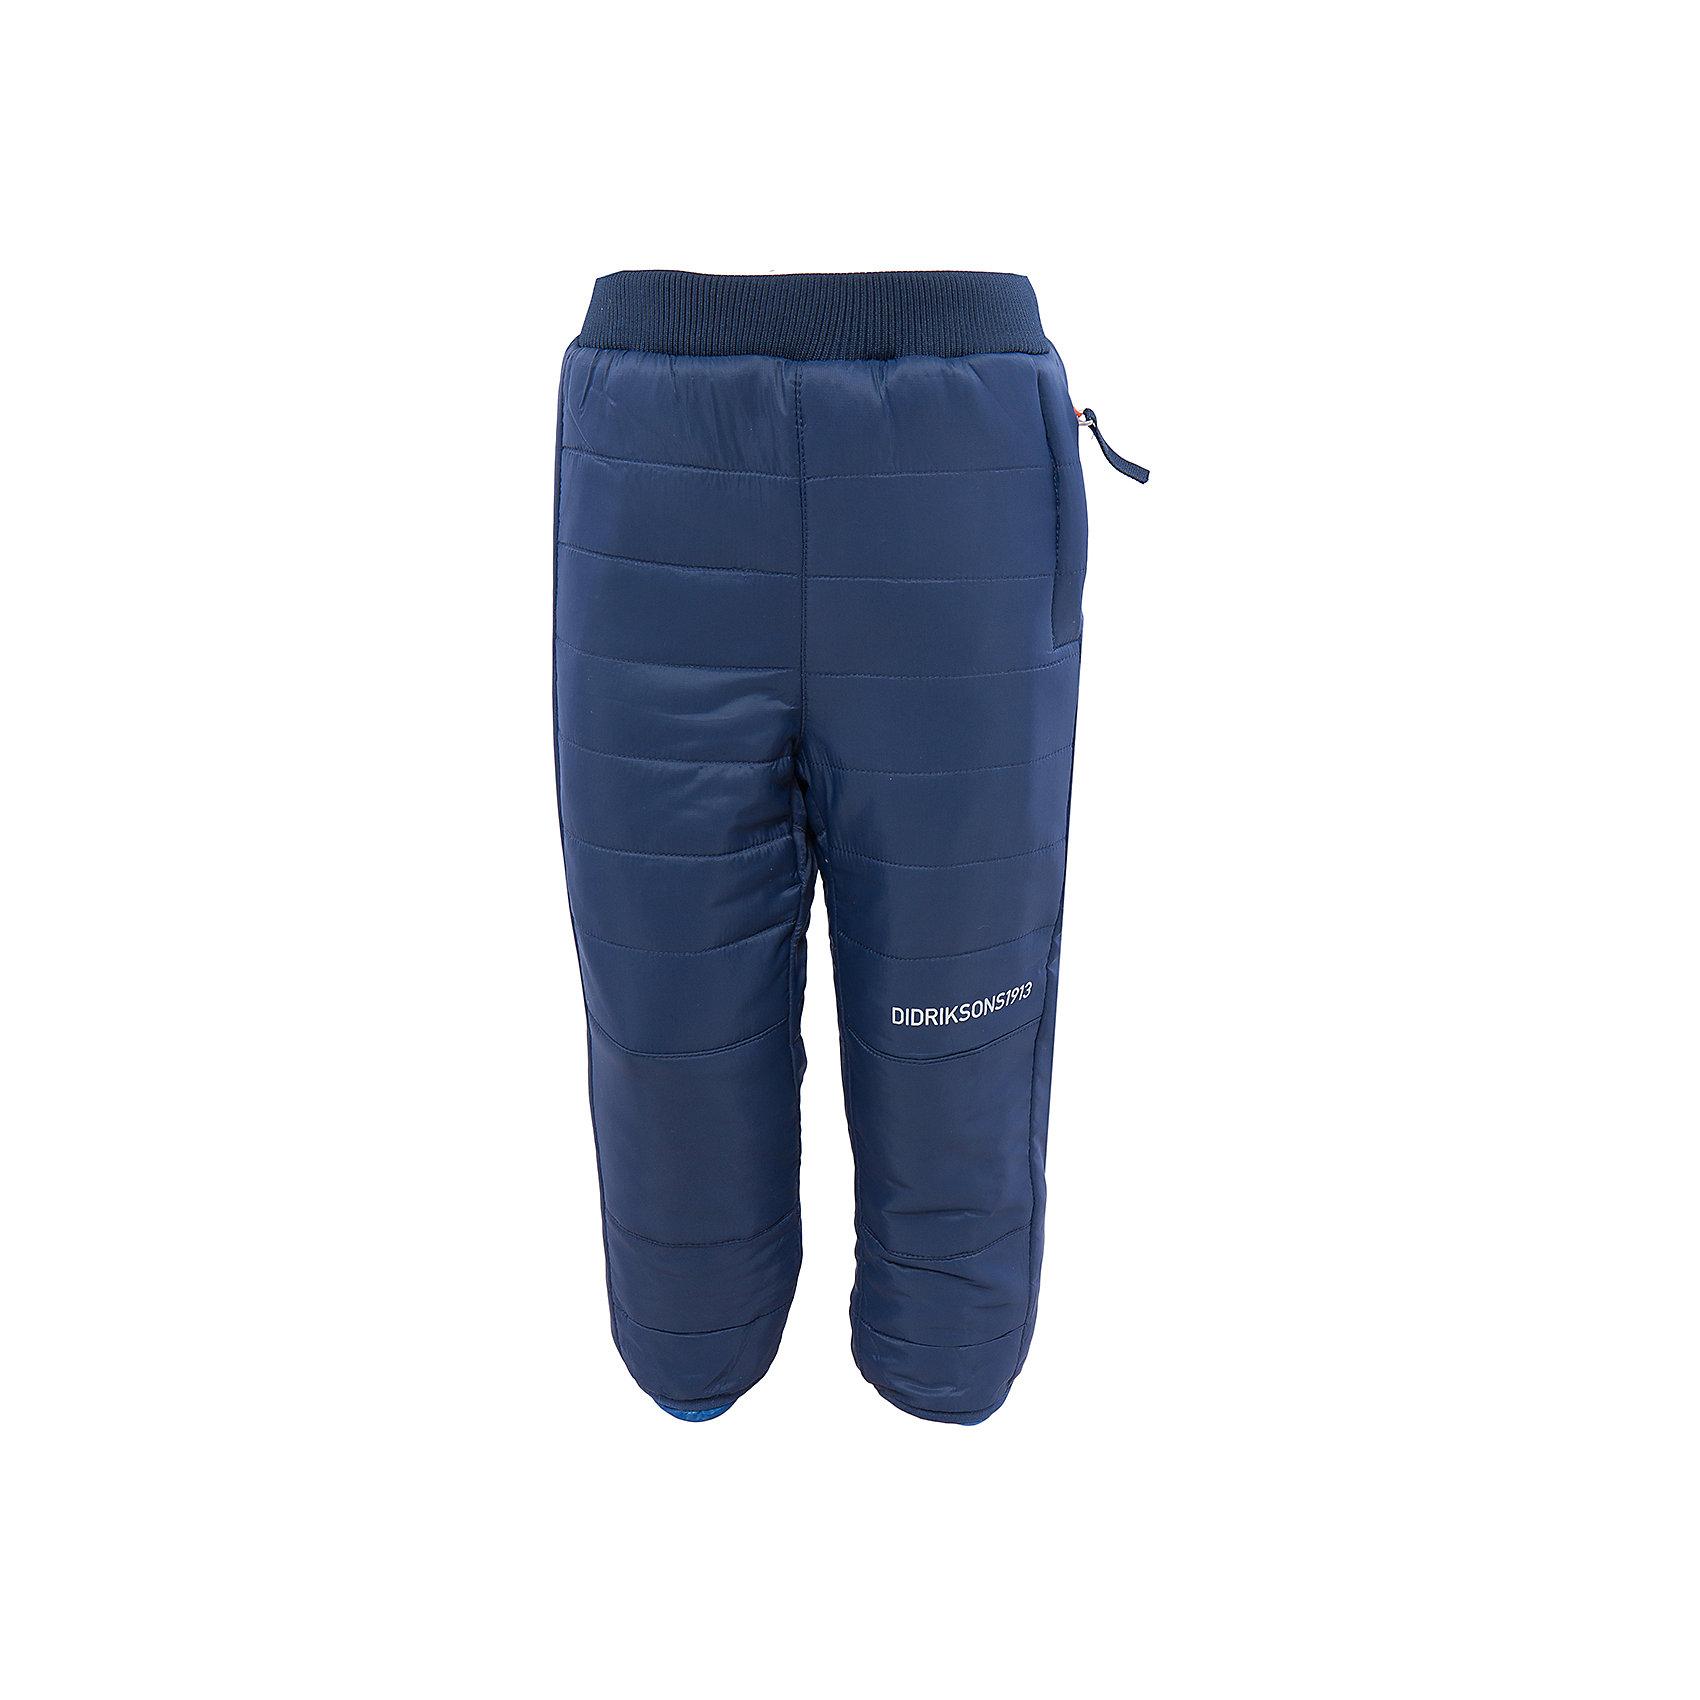 Брюки Kilpa двухсторонние DIDRIKSONSХарактеристики товара:<br><br>• цвет: синий/голубой<br>• материал: 100% полиэстер, подкладка 100% полиэстер<br>• стеганые<br>• температурный режим от +5 до +20, можно использовать в качестве поддёвы<br>• резинка на поясе<br>• страна бренда: Швеция<br>• страна производства: Китай<br><br>Такие стеганые брюки сейчас очень популярны у детей! Это не только стильно, но еще и очень комфортно, а также тепло. Качественные брюки обеспечат ребенку удобство при прогулках и активном отдыхе в прохладные дне, в межсезонье или зимой. Такая модель от шведского производителя легко стирается, подходит под разные погодные условия.<br>Модель сшита из качественной ткани, дополнена мягкой широкой резинкой на поясе. Очень стильная и удобная модель! Изделие качественно выполнено, сделано из безопасных для детей материалов. <br><br>Брюки от бренда DIDRIKSONS можно купить в нашем интернет-магазине.<br><br>Ширина мм: 215<br>Глубина мм: 88<br>Высота мм: 191<br>Вес г: 336<br>Цвет: голубой<br>Возраст от месяцев: 12<br>Возраст до месяцев: 15<br>Пол: Унисекс<br>Возраст: Детский<br>Размер: 80,130,90,100,120,140<br>SKU: 5003980